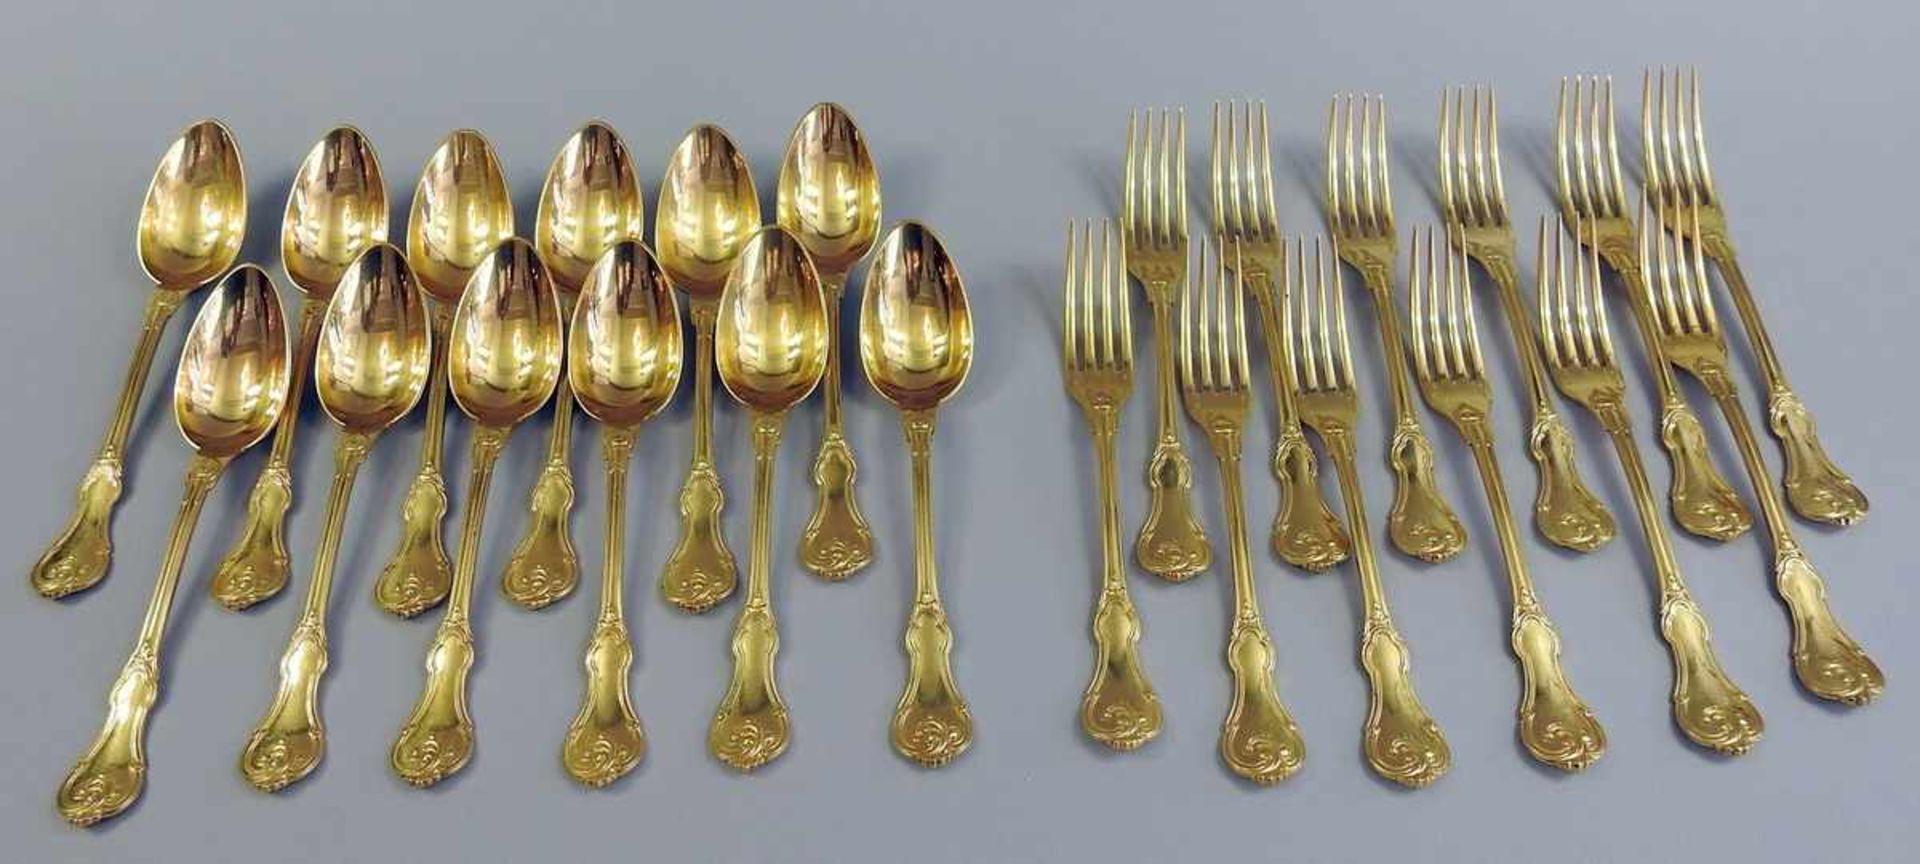 Los 4 - Gabel- und Löffelservice für 6 Personen Silber plated, punziert, Hersteller Christofle. 12-teilig,